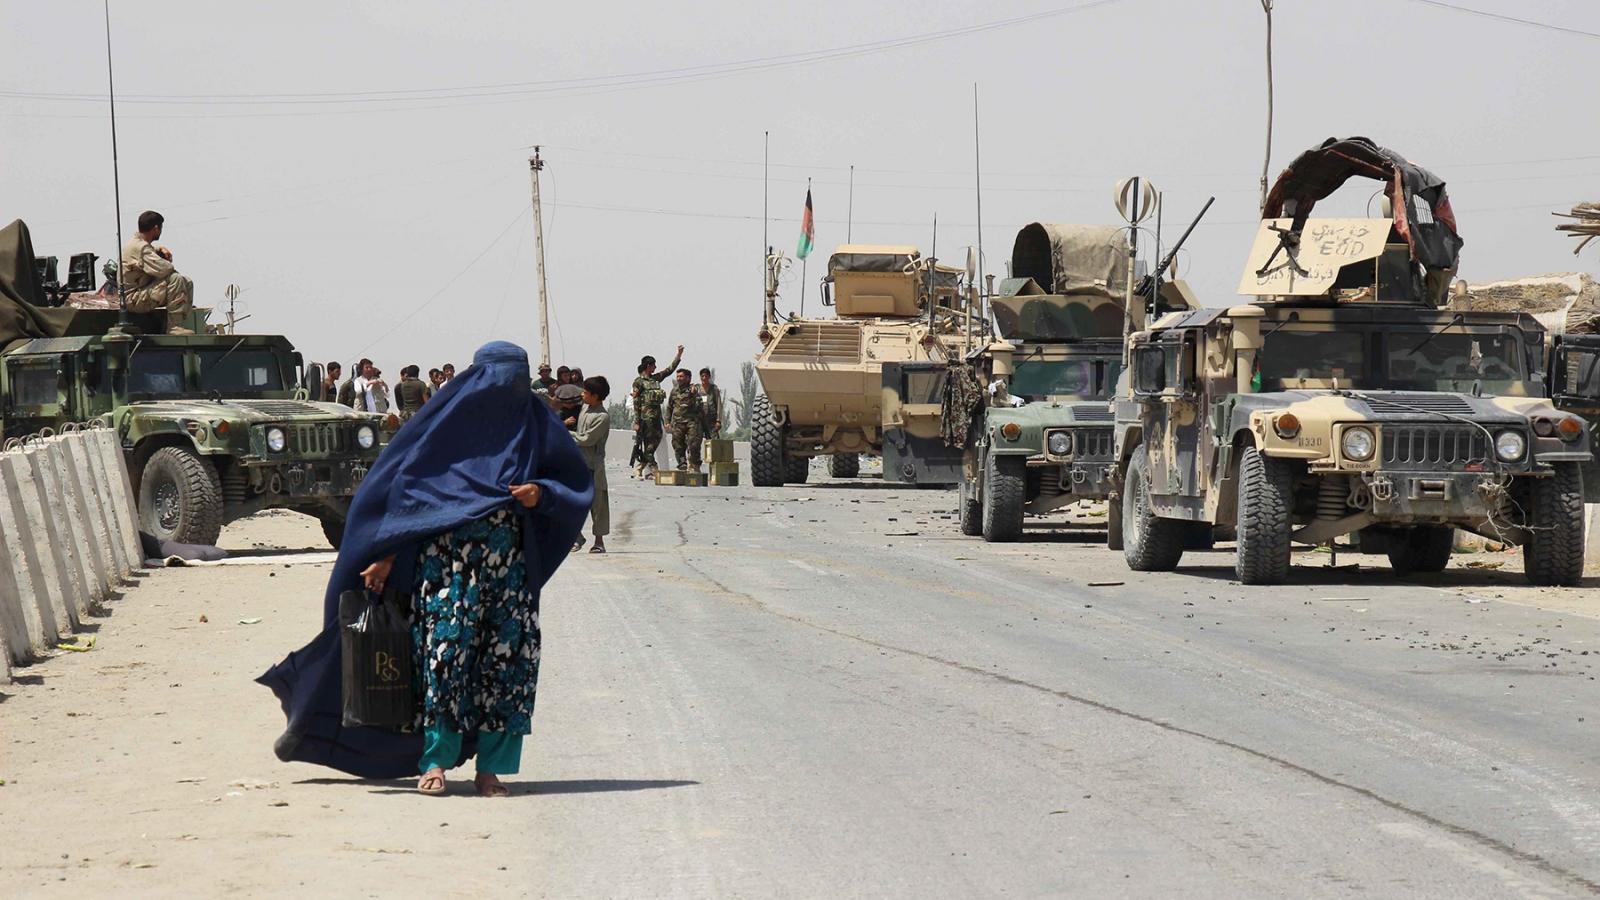 Kịch bản bóng ma cuộc nội chiến tái hiện ở Afghanistan